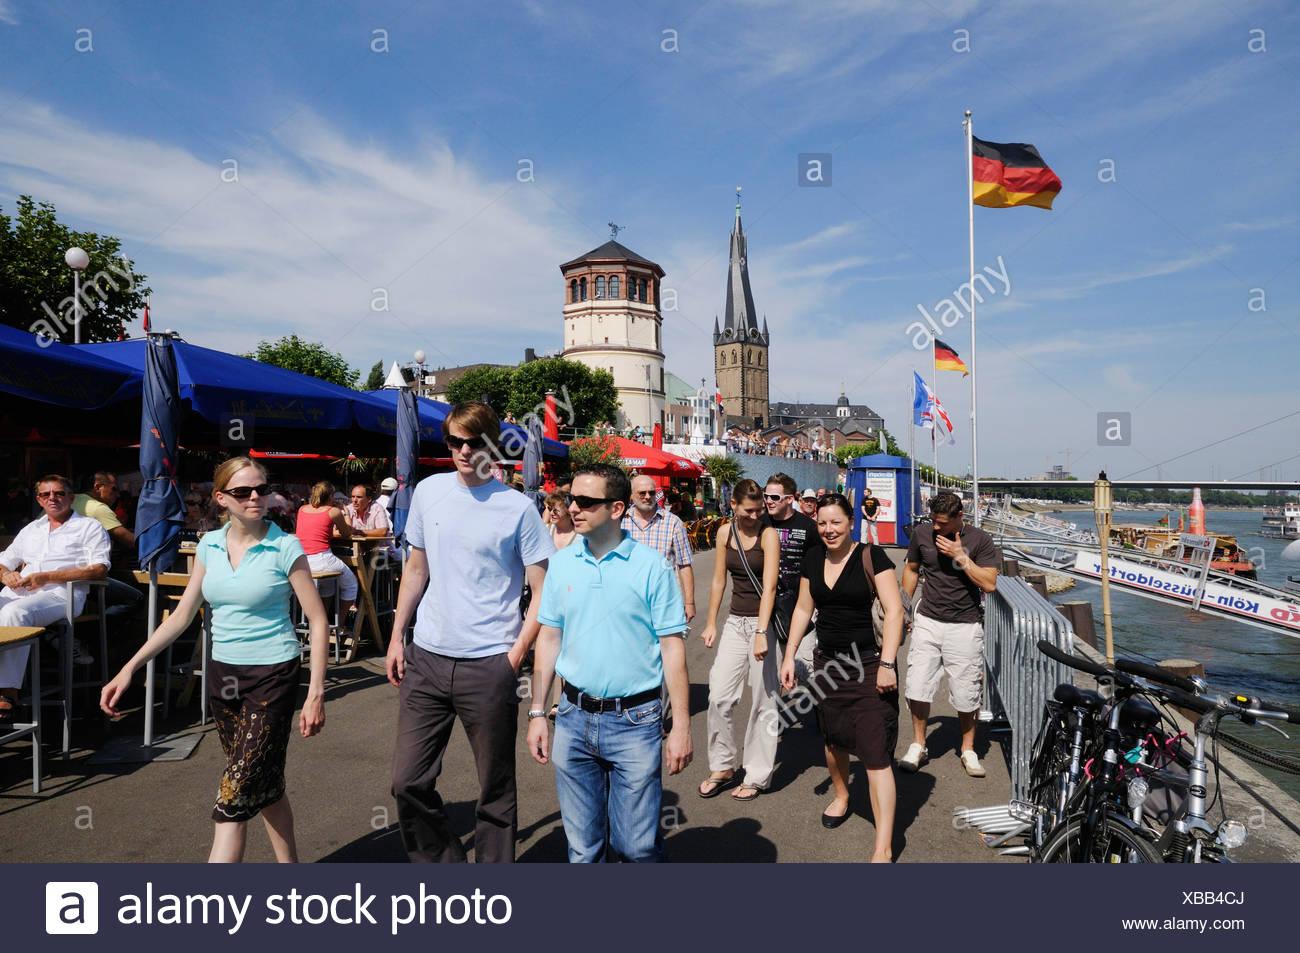 Young people on Duesseldorf's Rhine River waterside promenade, Duesseldorf, North Rhine-Westphalia, Germany, Europe - Stock Image